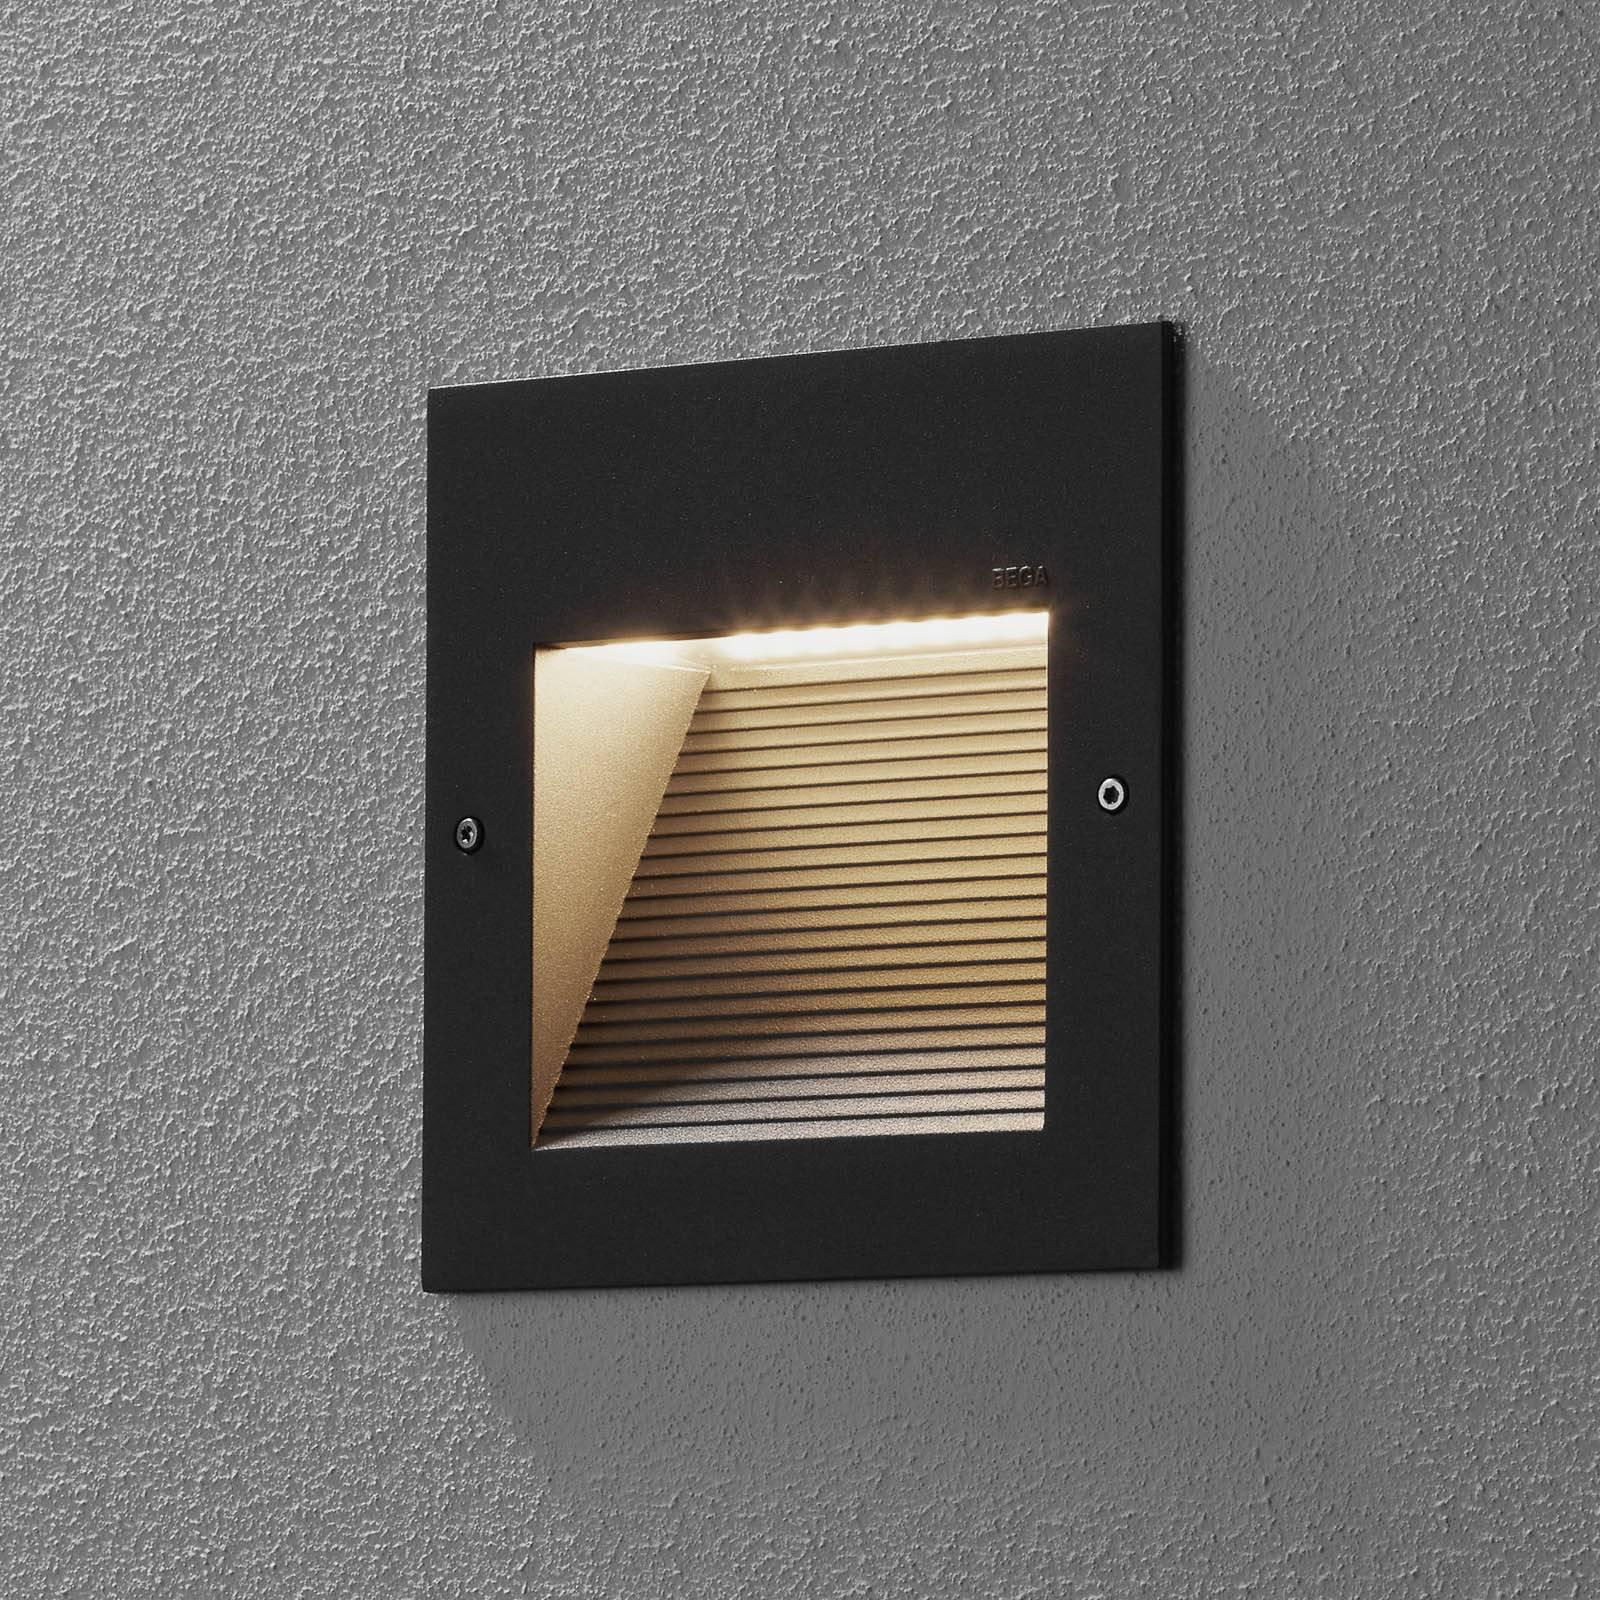 BEGA 24202-LED innfelt vegglampe, 3 000 K, grafitt